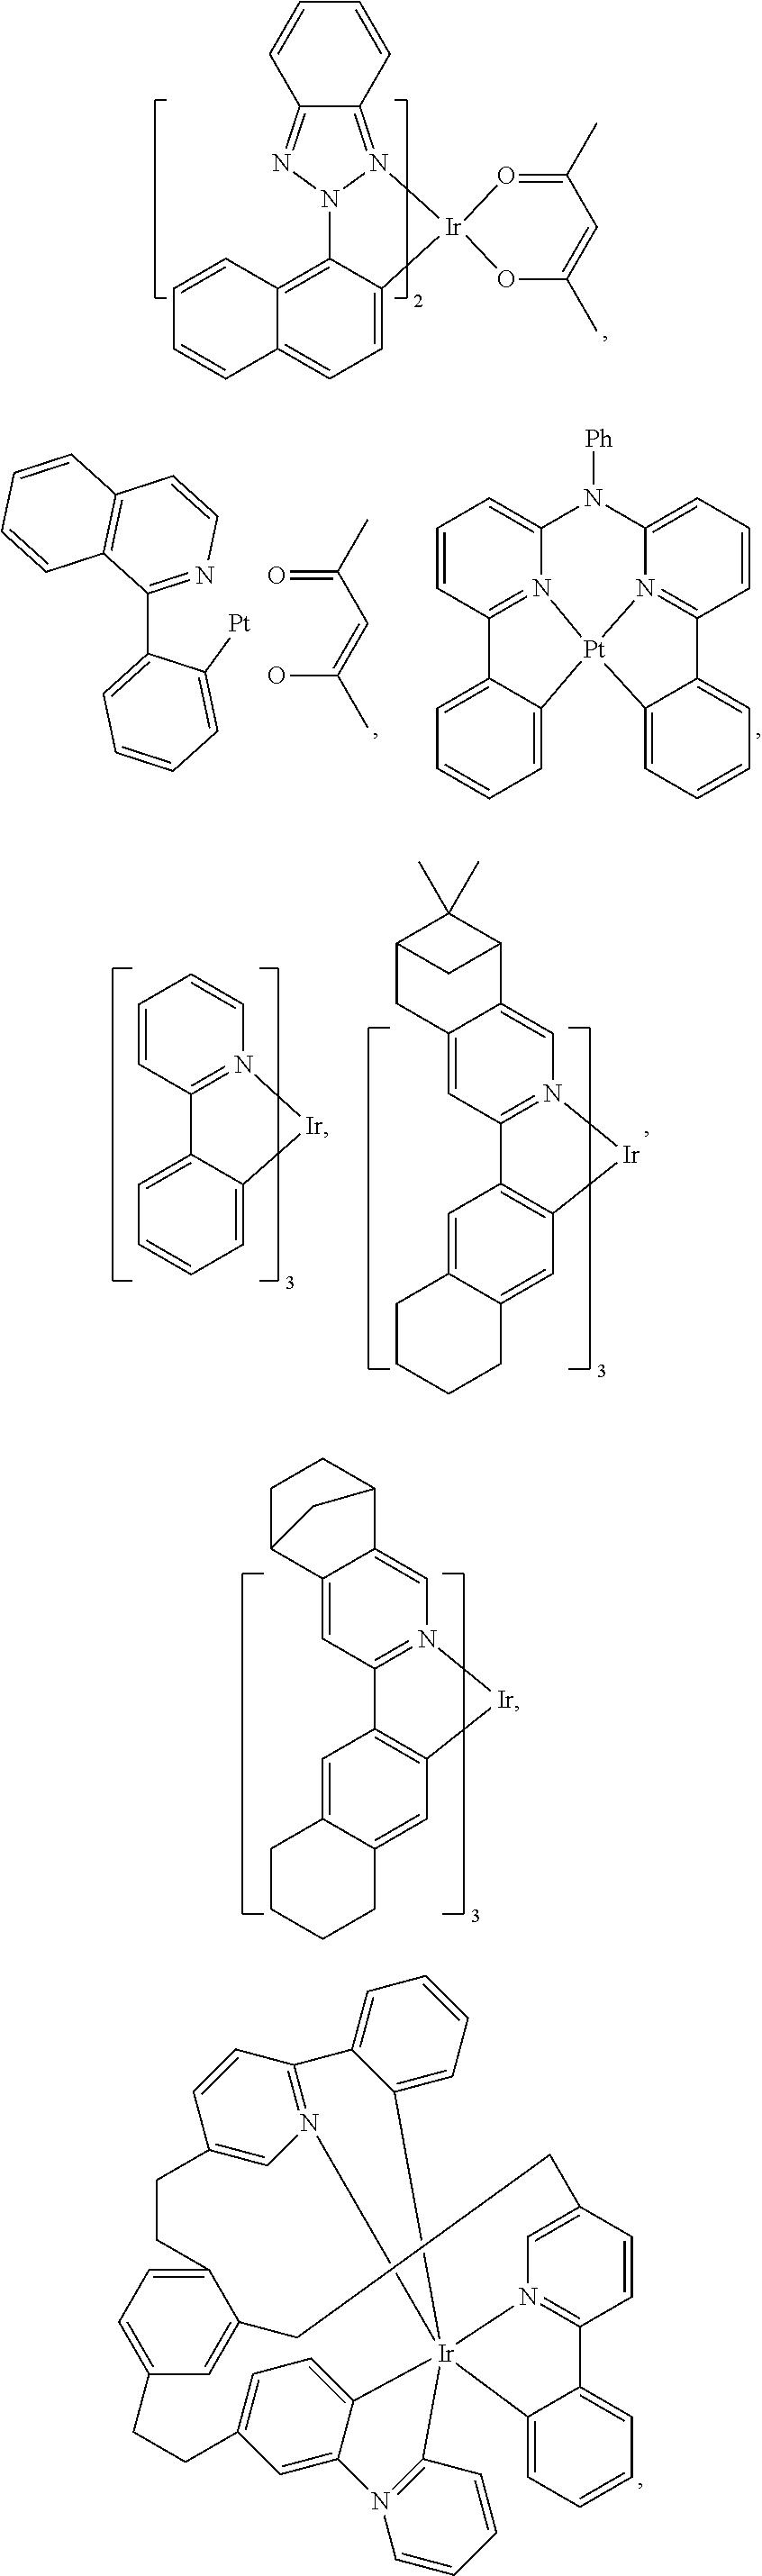 Figure US09929360-20180327-C00157